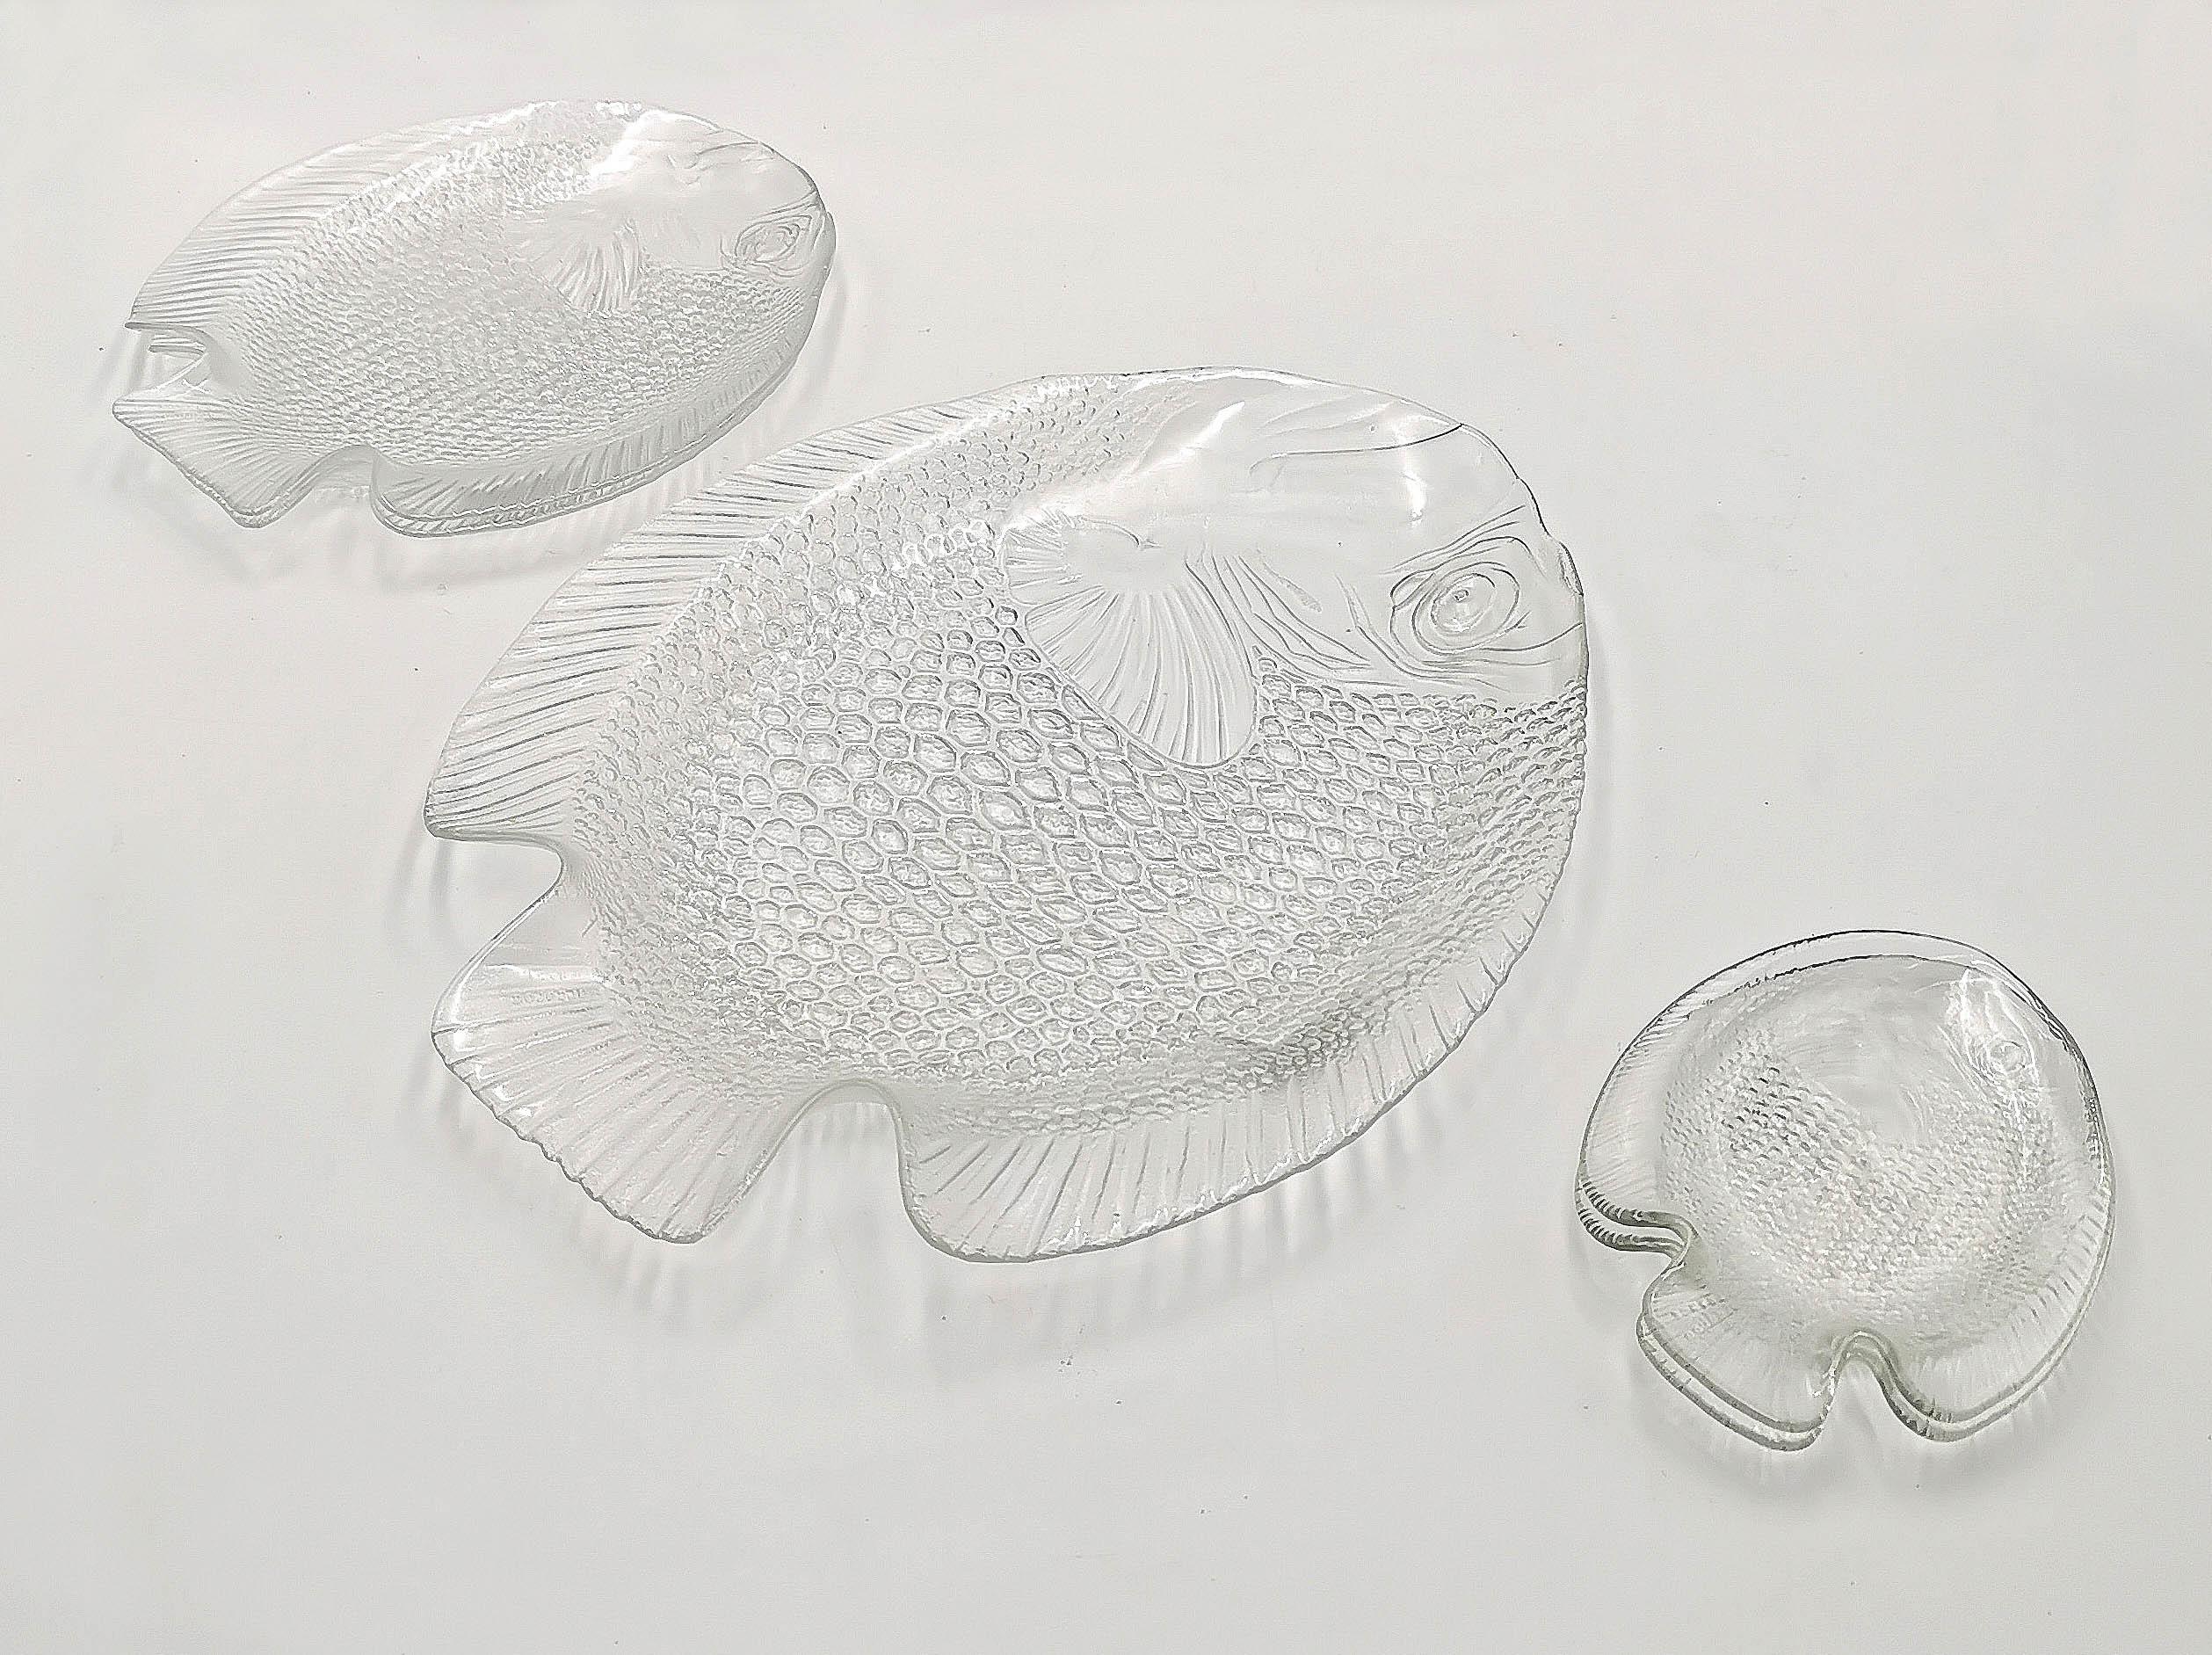 Zestaw 5 półmisków w kształcie ryb